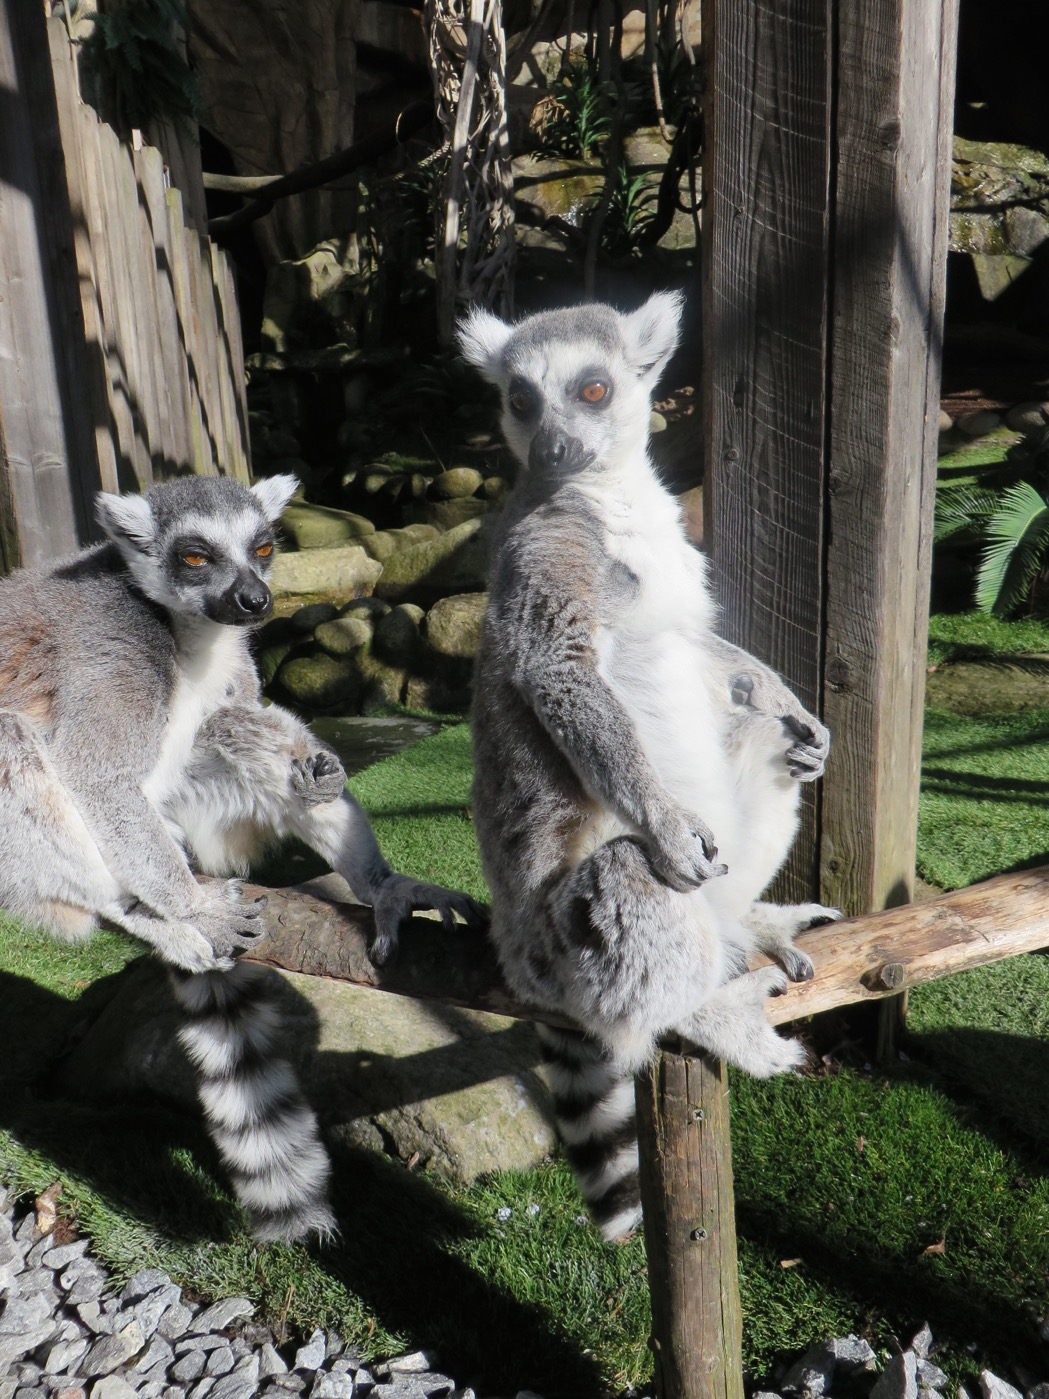 Även lemurerna njuter av den sköna solen!